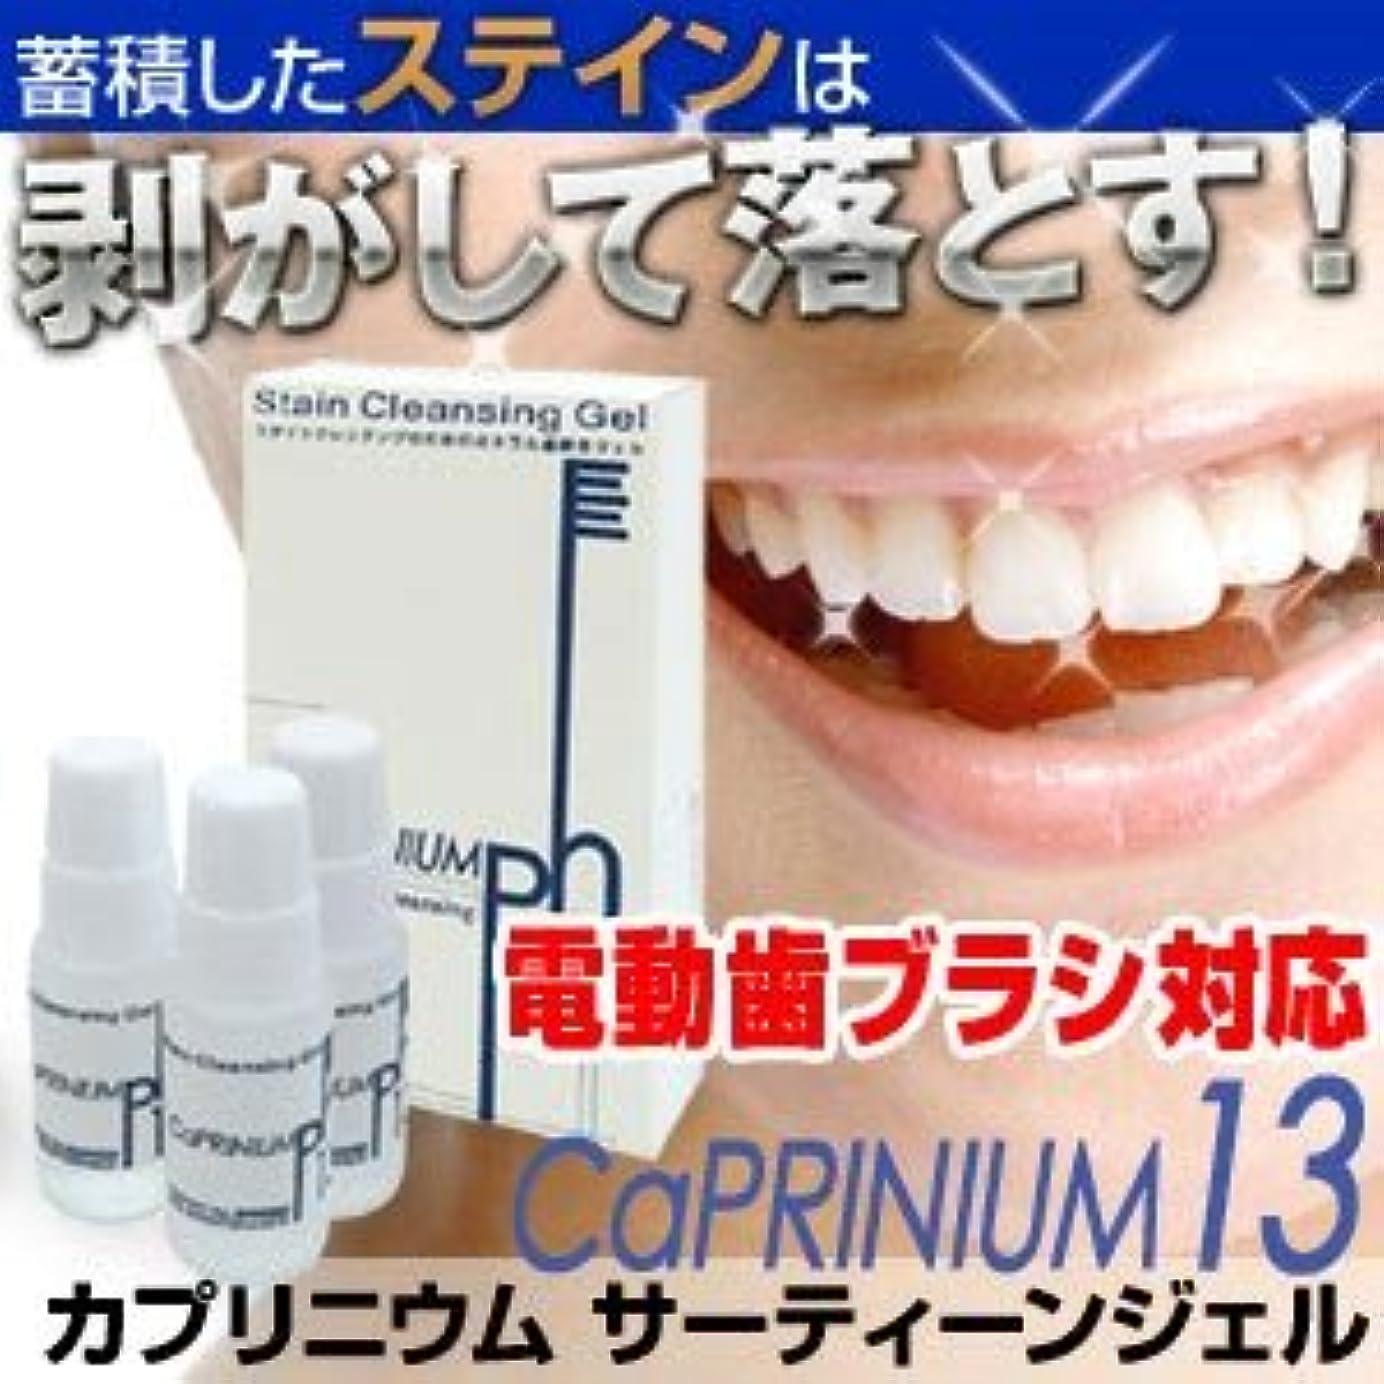 ディスカウント気球麻酔薬カプリニウム サーティーンジェル(CaPRINIUM 13) 新発想のホワイトニング歯磨きジェル